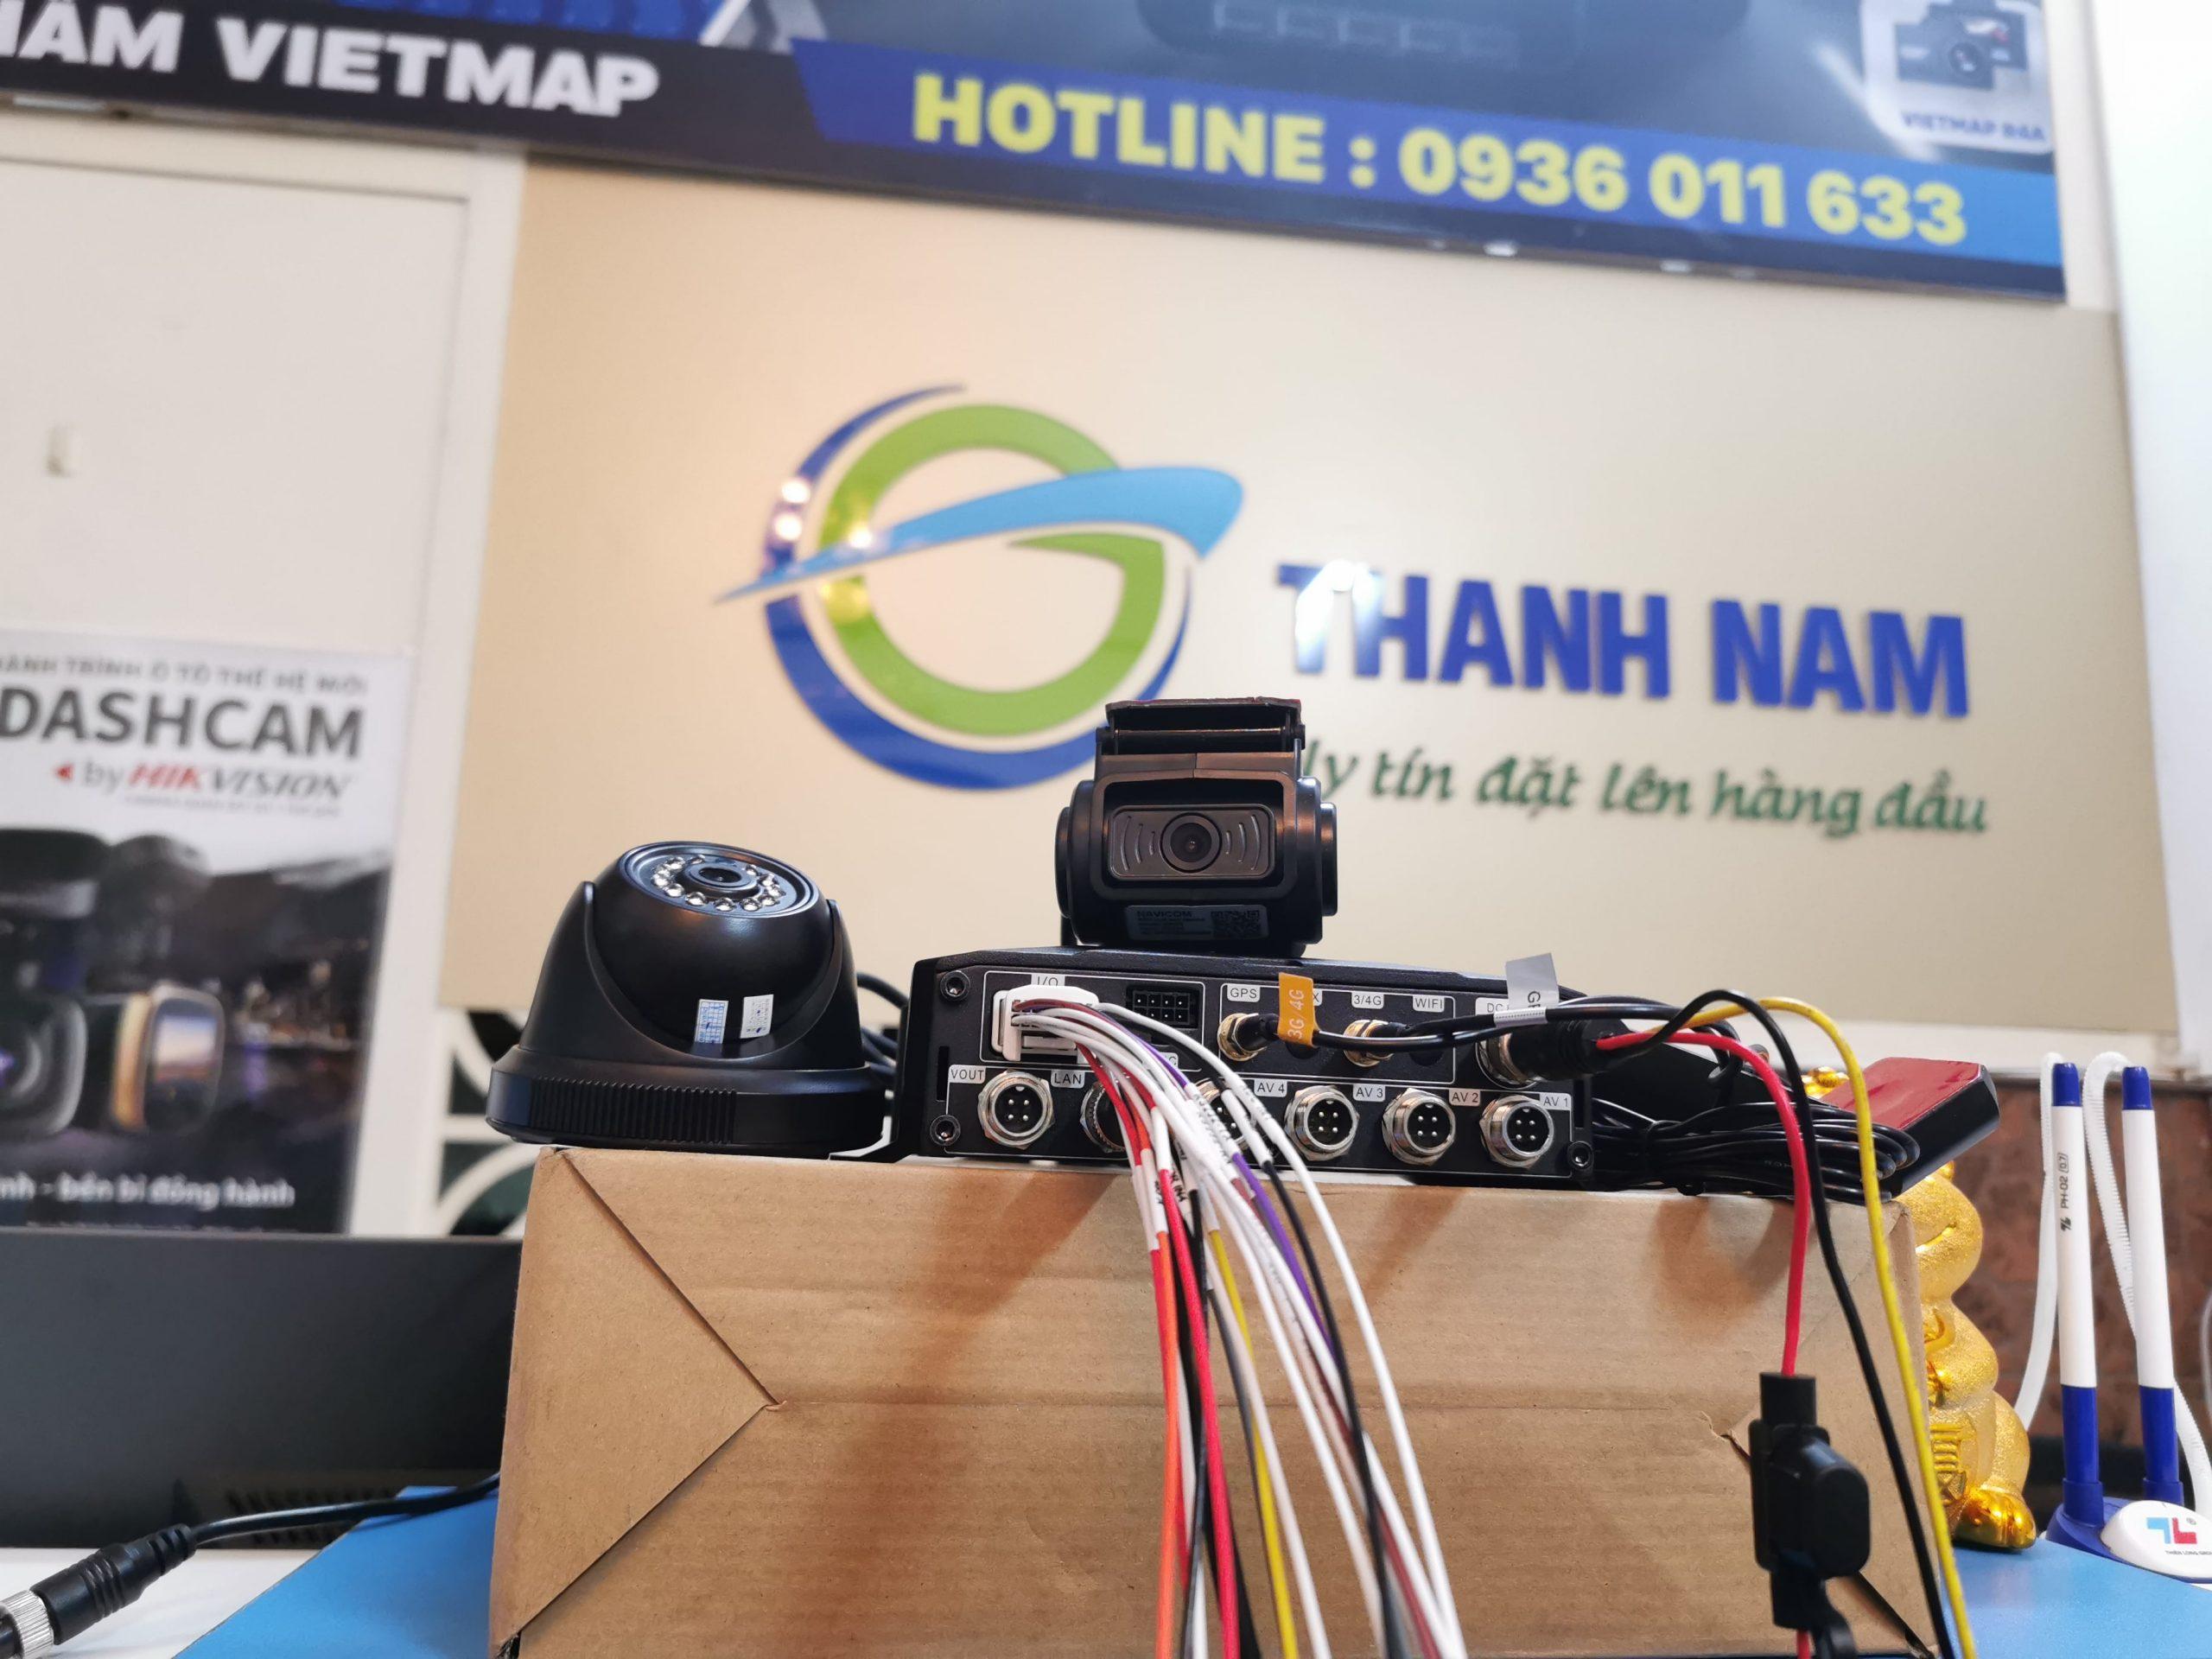 bộ thiết bị ghi hình và giám sát hành trình bằng đầu ghi navicom